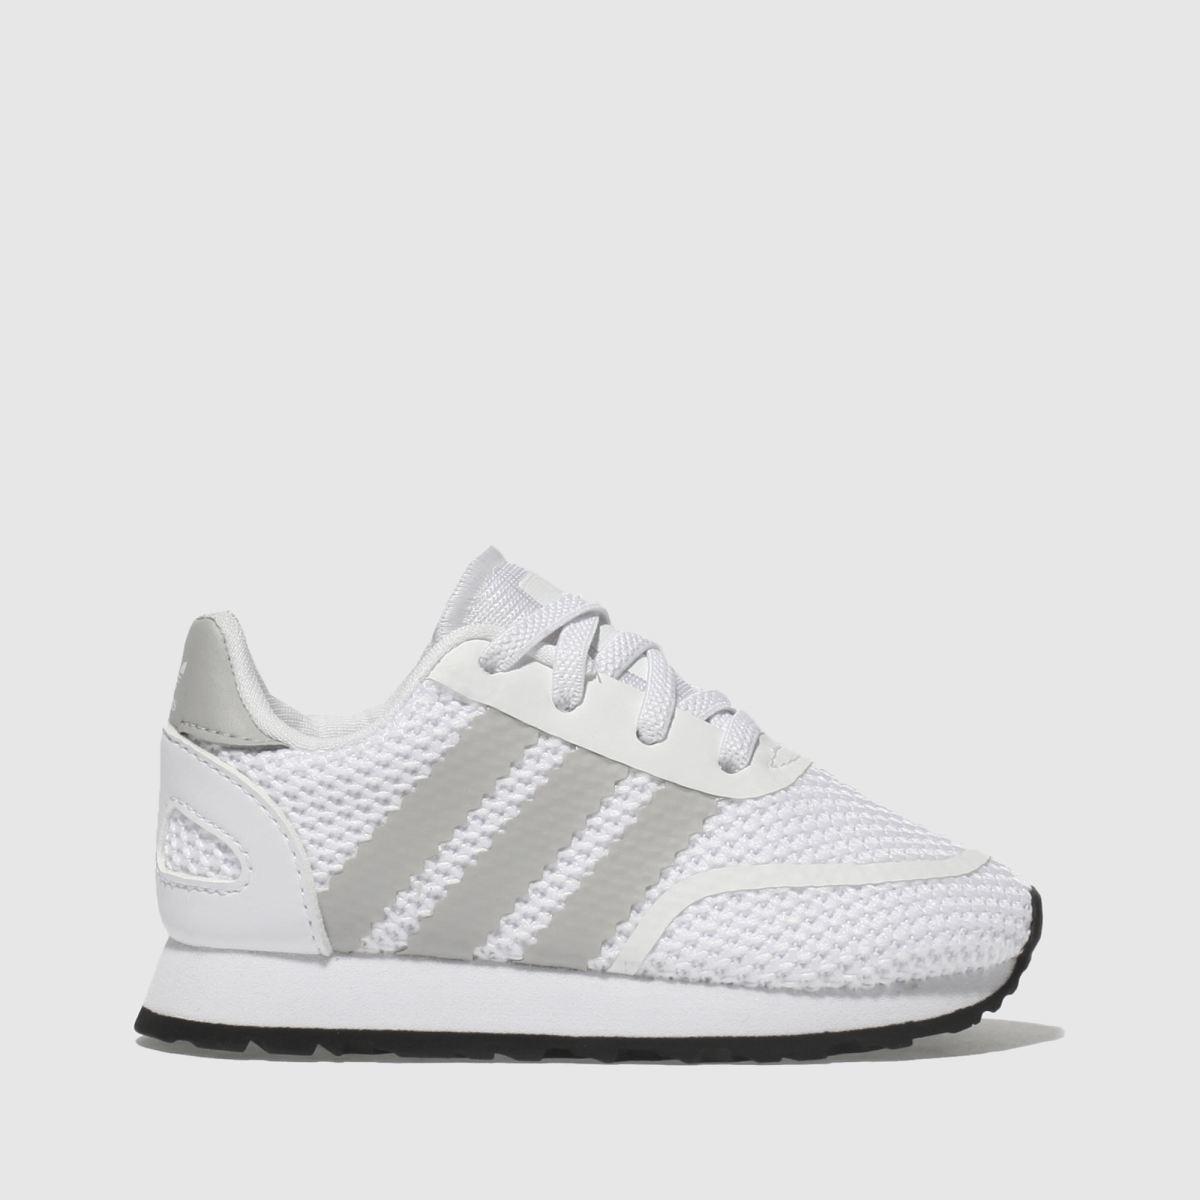 Adidas White & Grey N-5923 El Unisex Toddler Toddler